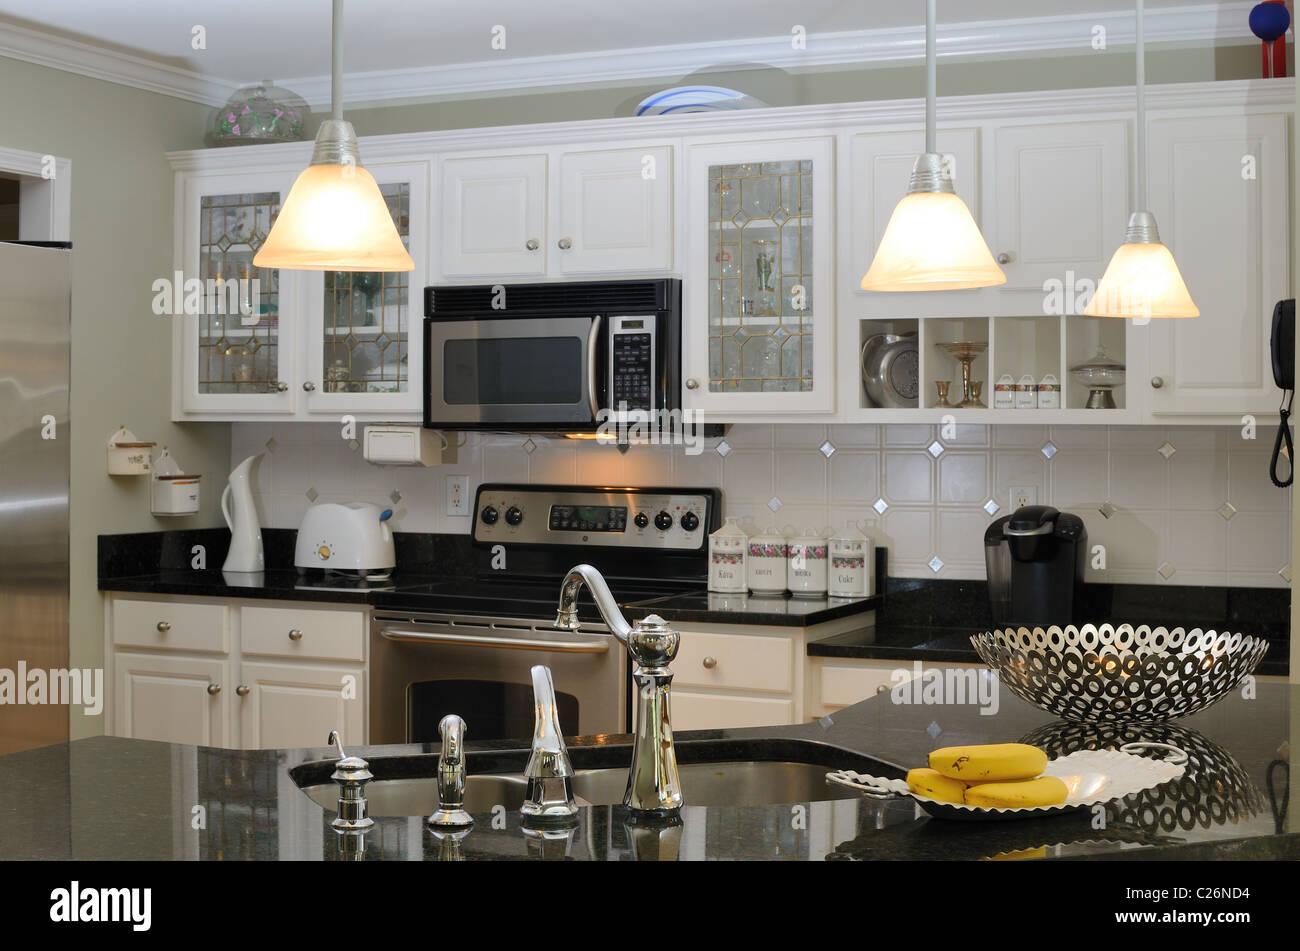 Una casa moderna cucina con elettrodomestici Immagini Stock